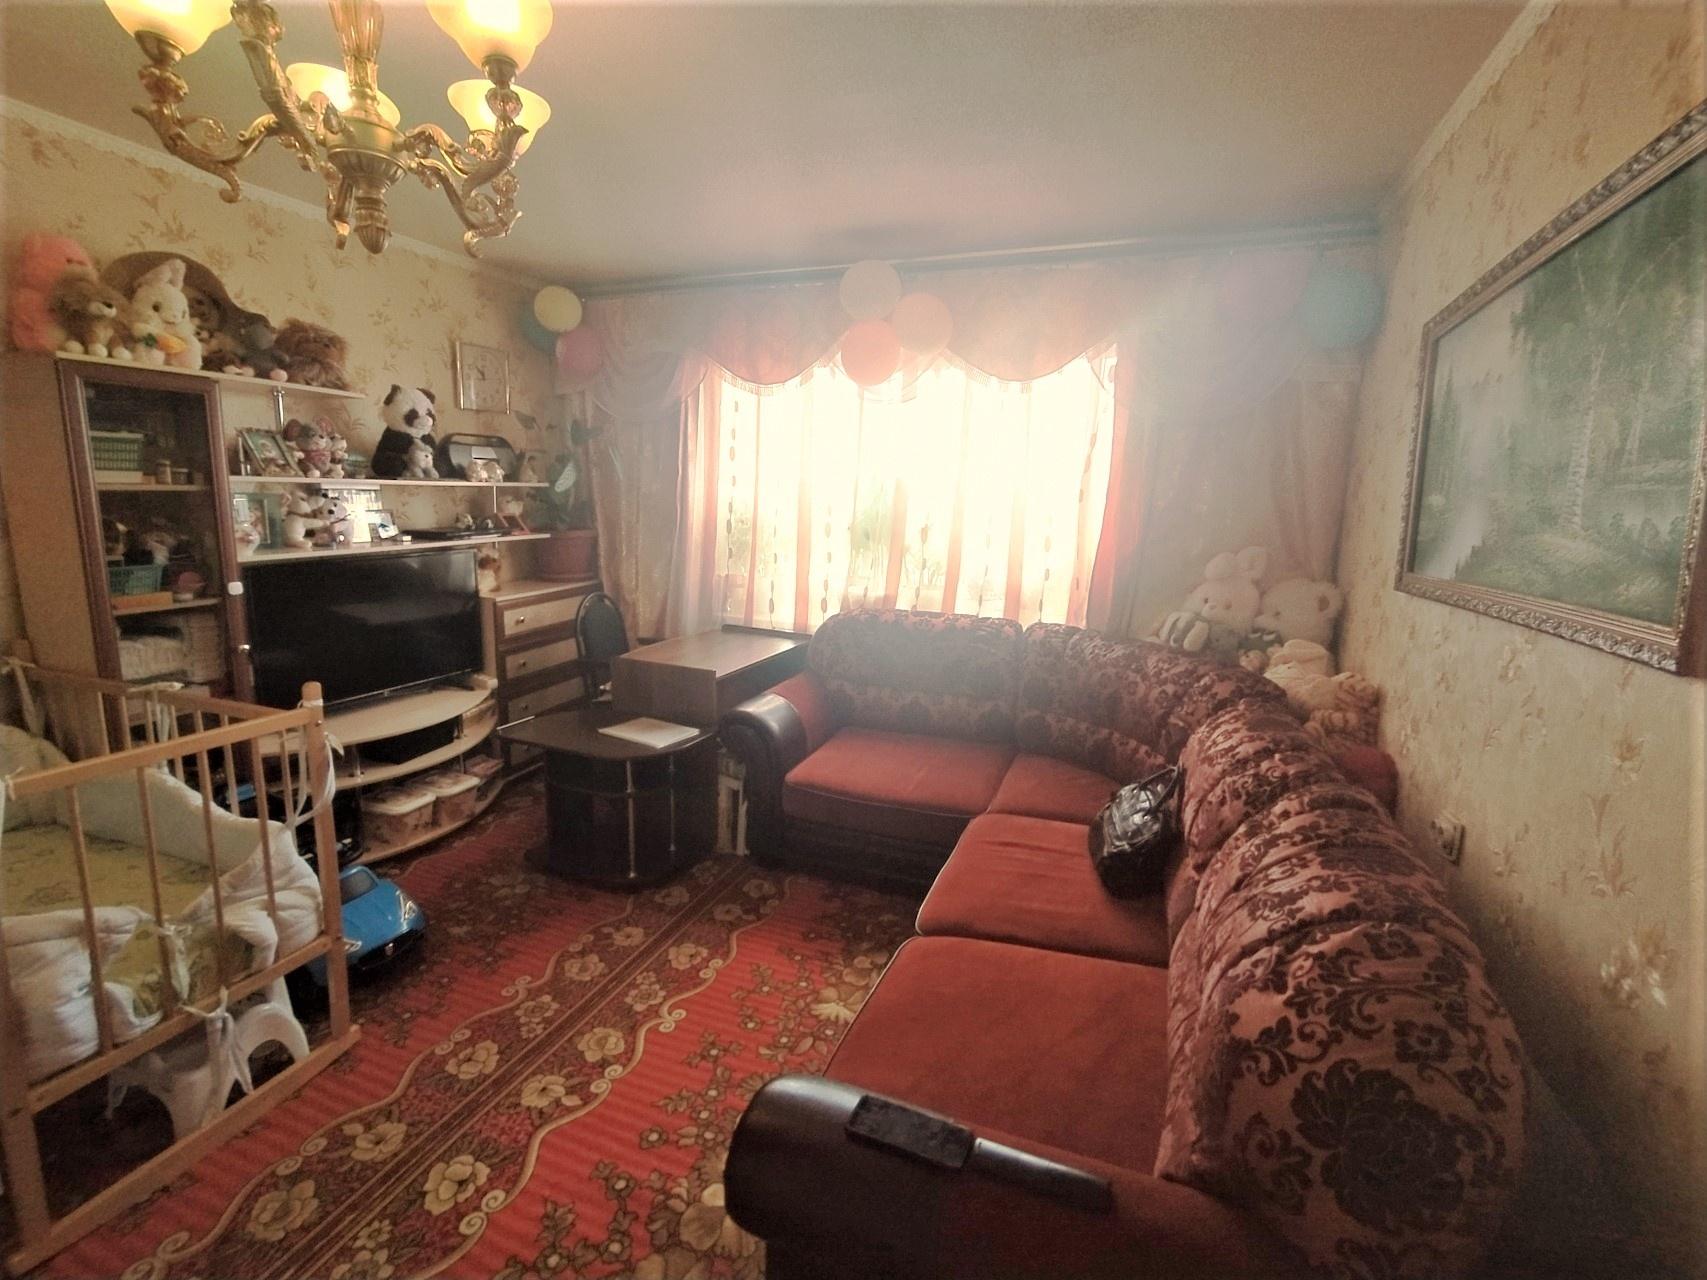 г. Владимир, Лакина ул., 139, к В, 1-к. квартира на продажу